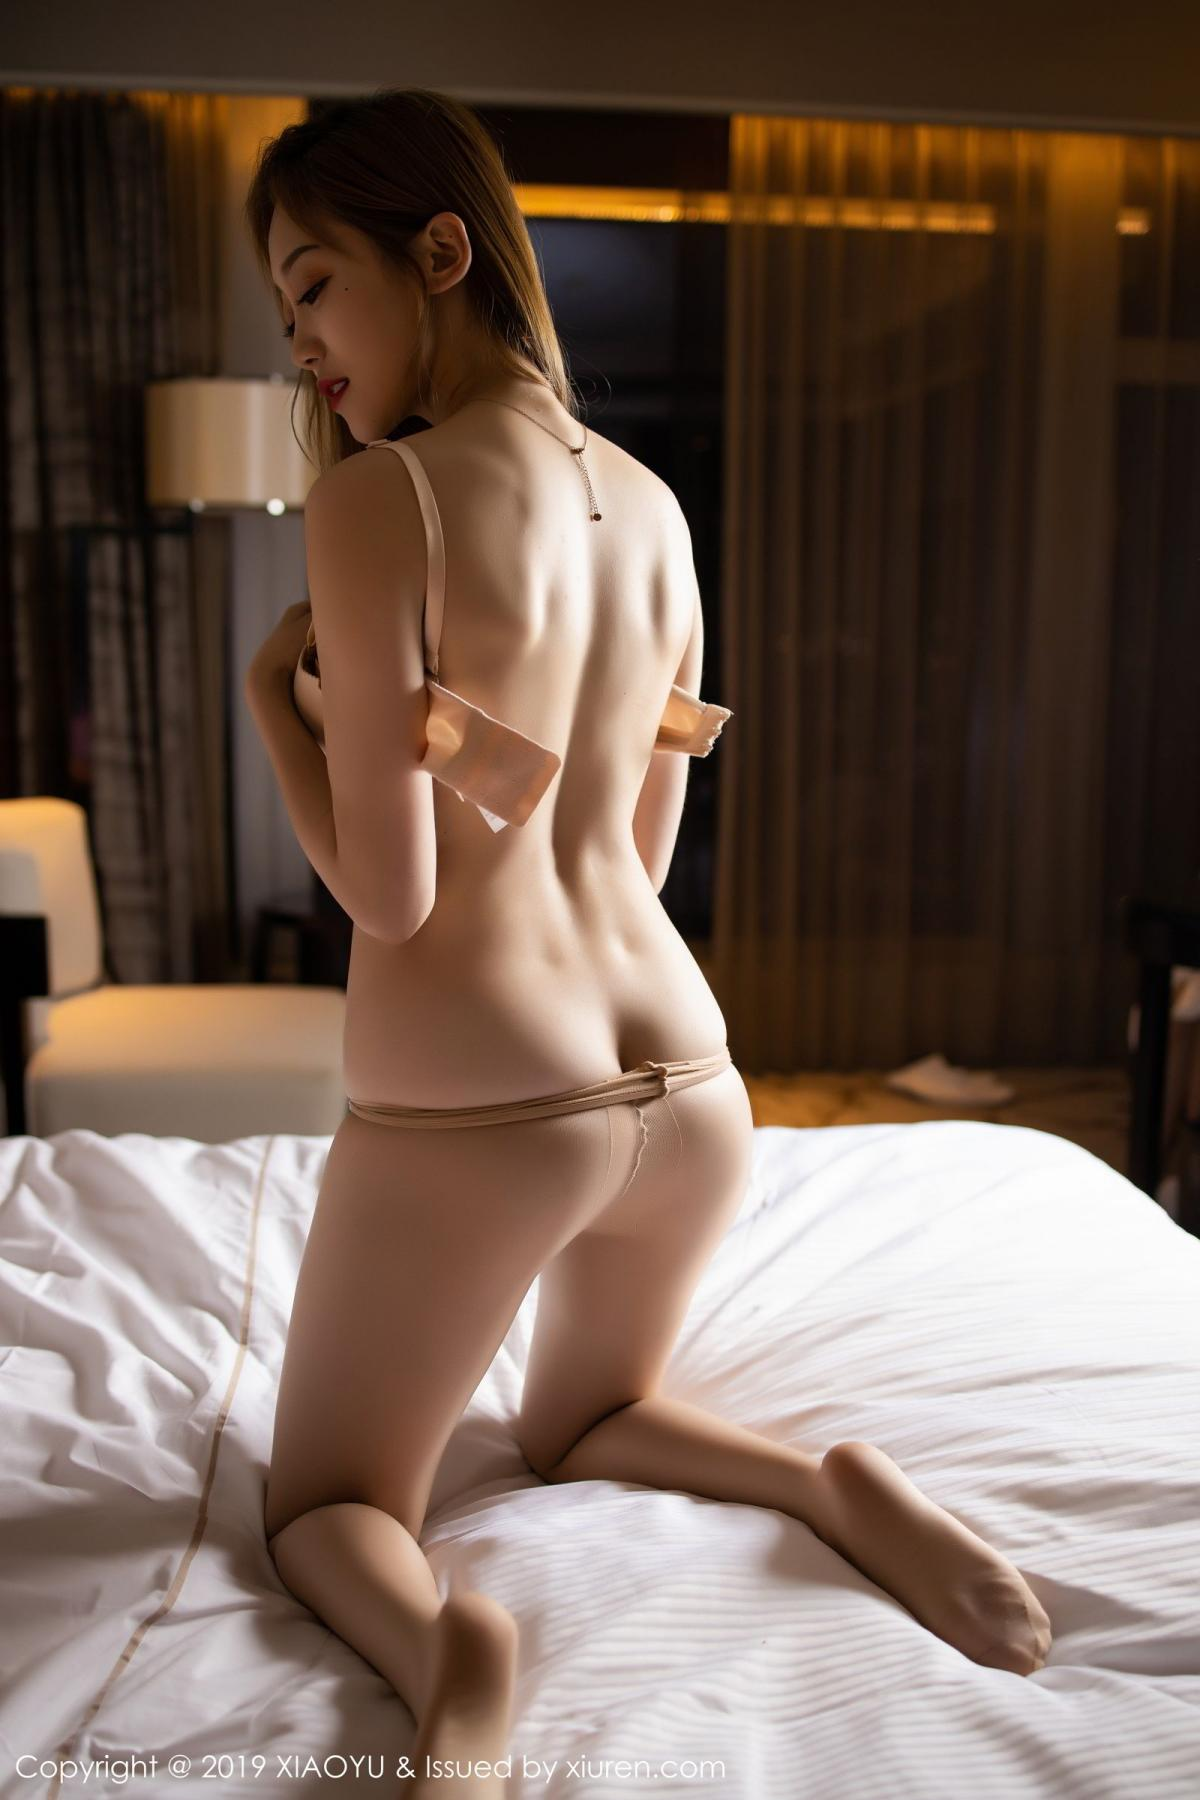 [XiaoYu] Vol.176 Yuner Claire 35P, Underwear, XiaoYu, Yuner Claire